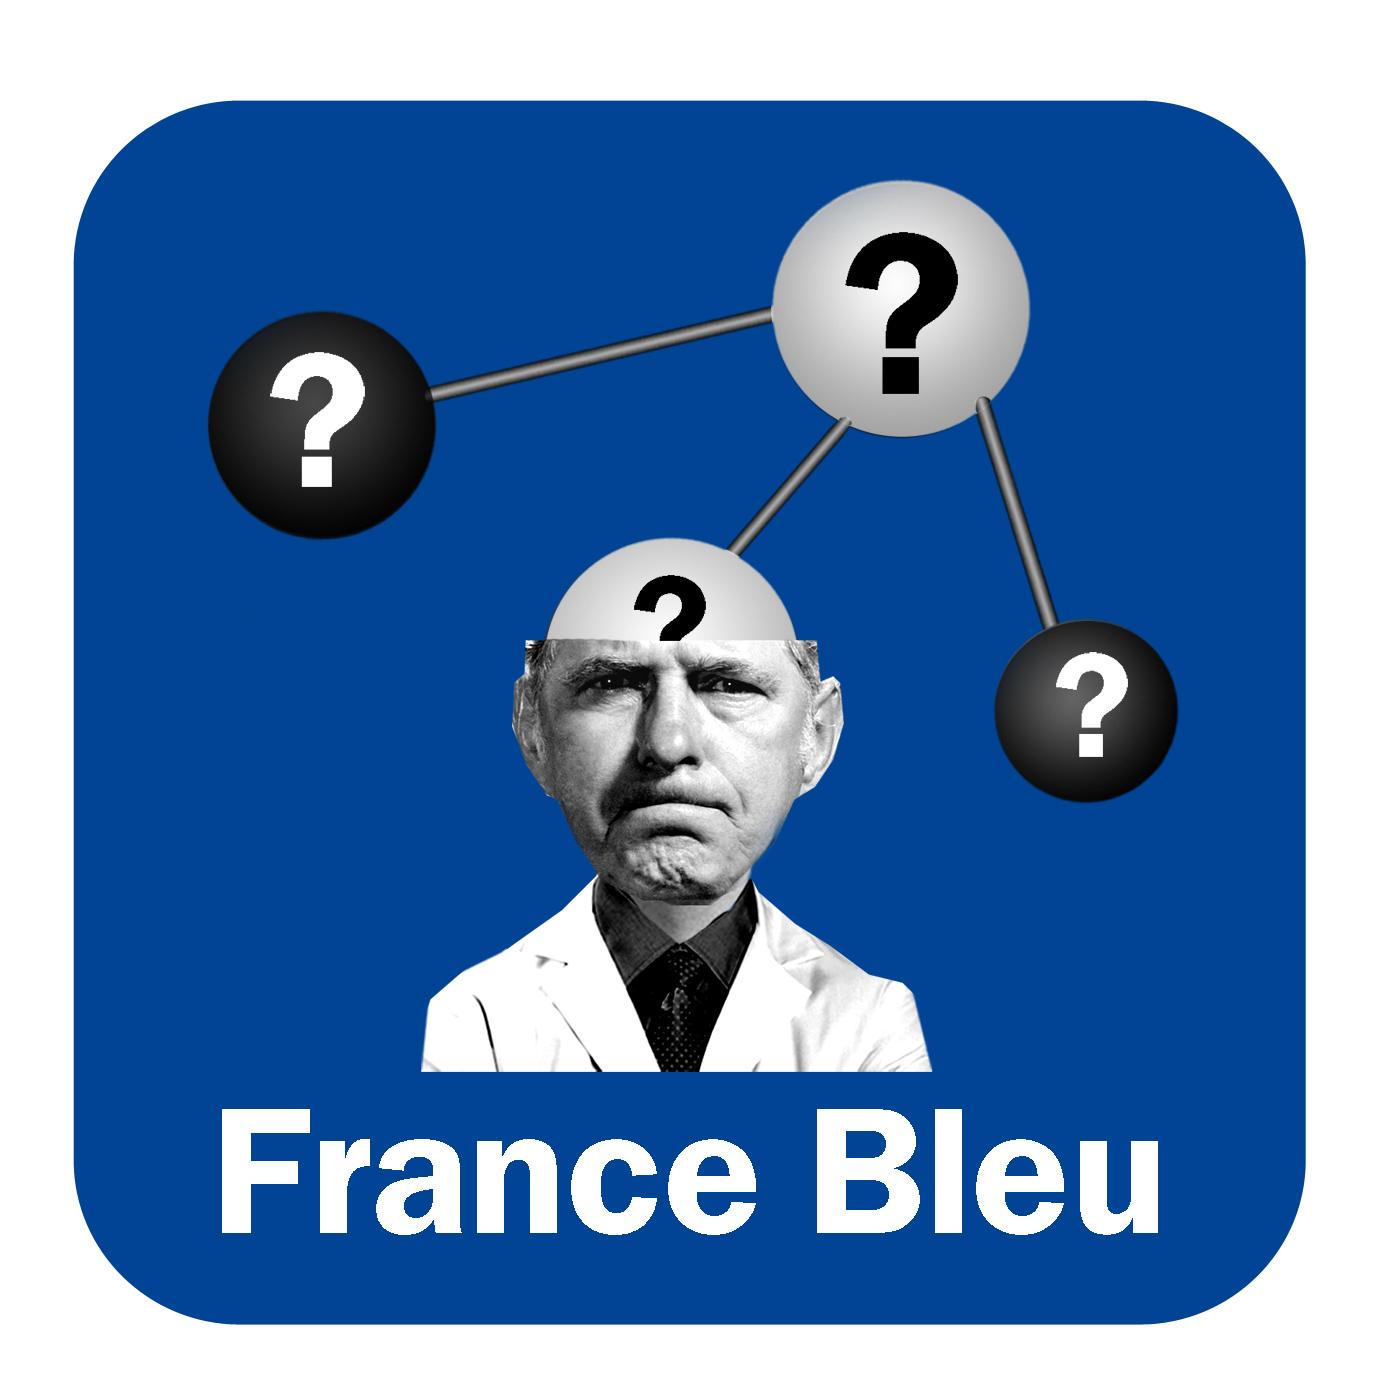 A quoi ça sert ? France Bleu